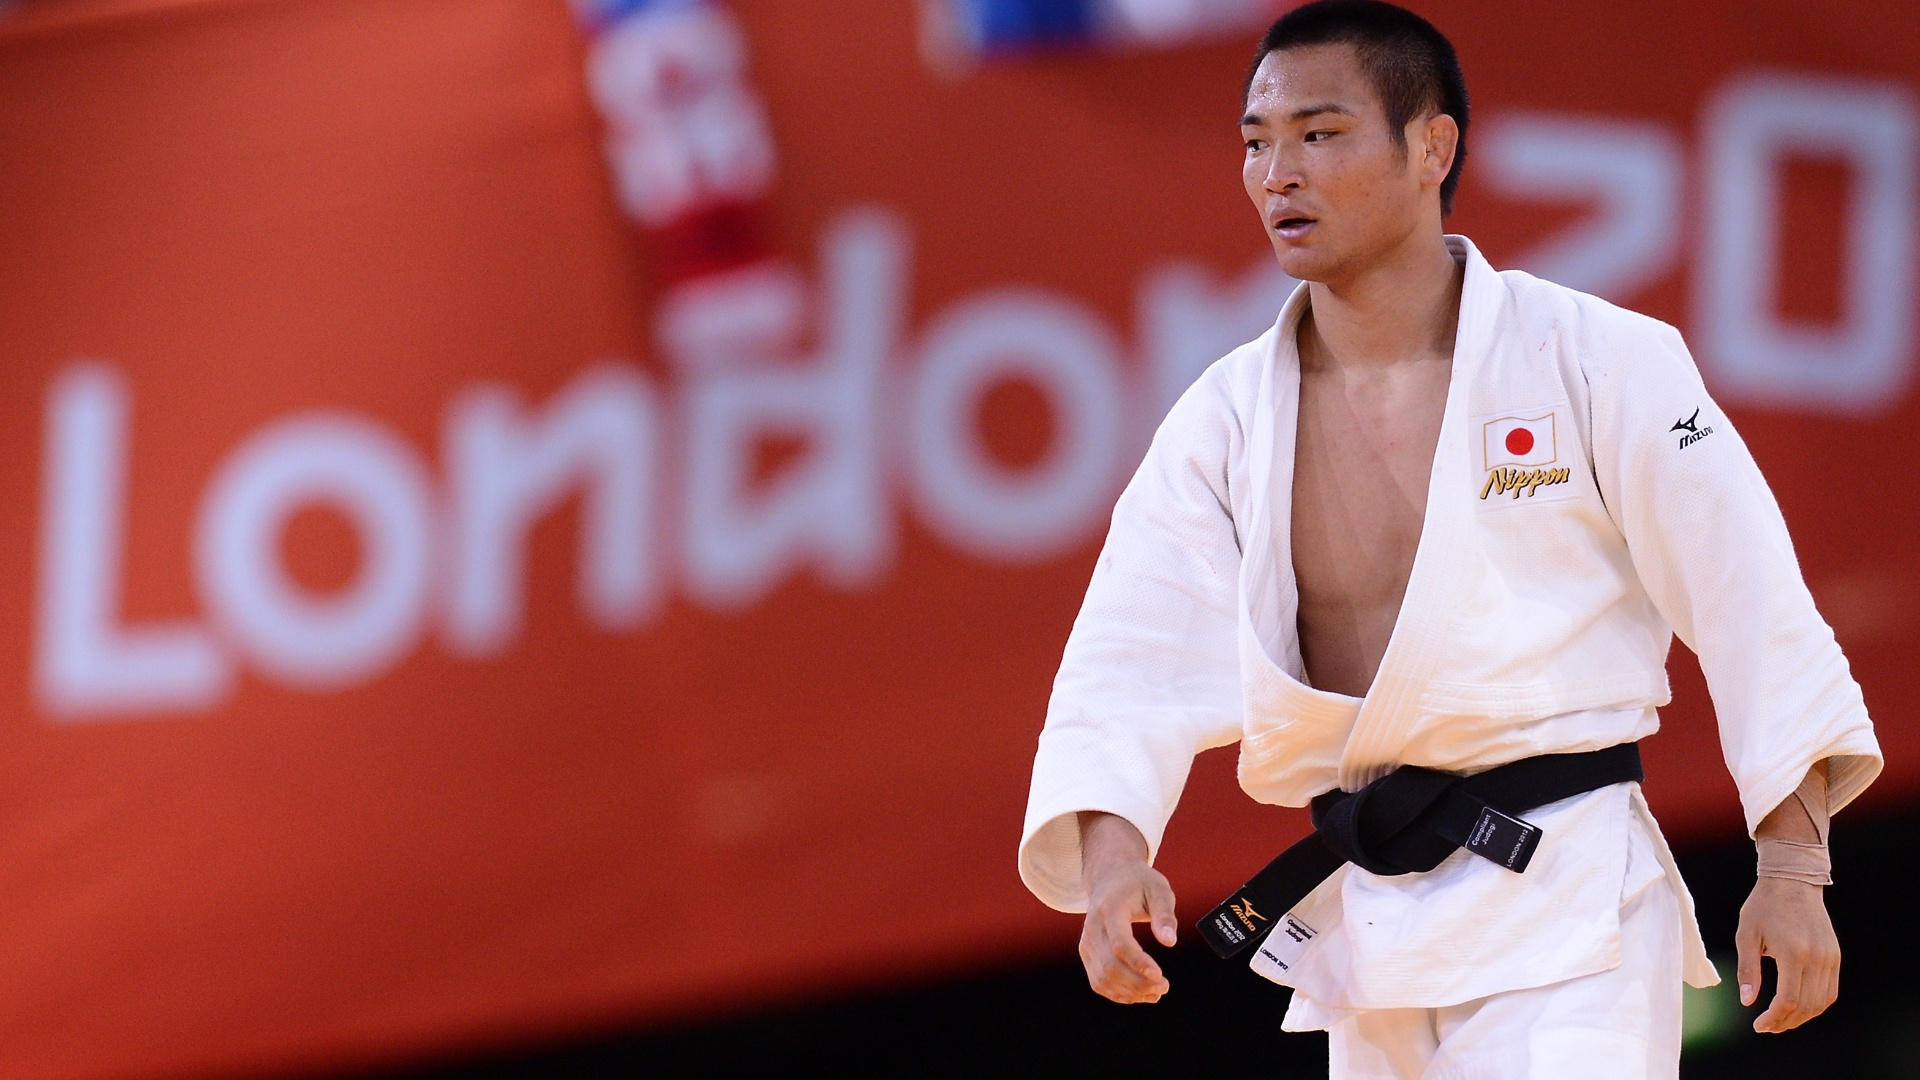 japones-masashi-ebinuma-sobe-ao-tatame-para-enfrentar-o-sul-coreano-jun-ho-em-luta-de-judo-da-categoria-ate-66-kg-29072012-1343572091942_1920x1080